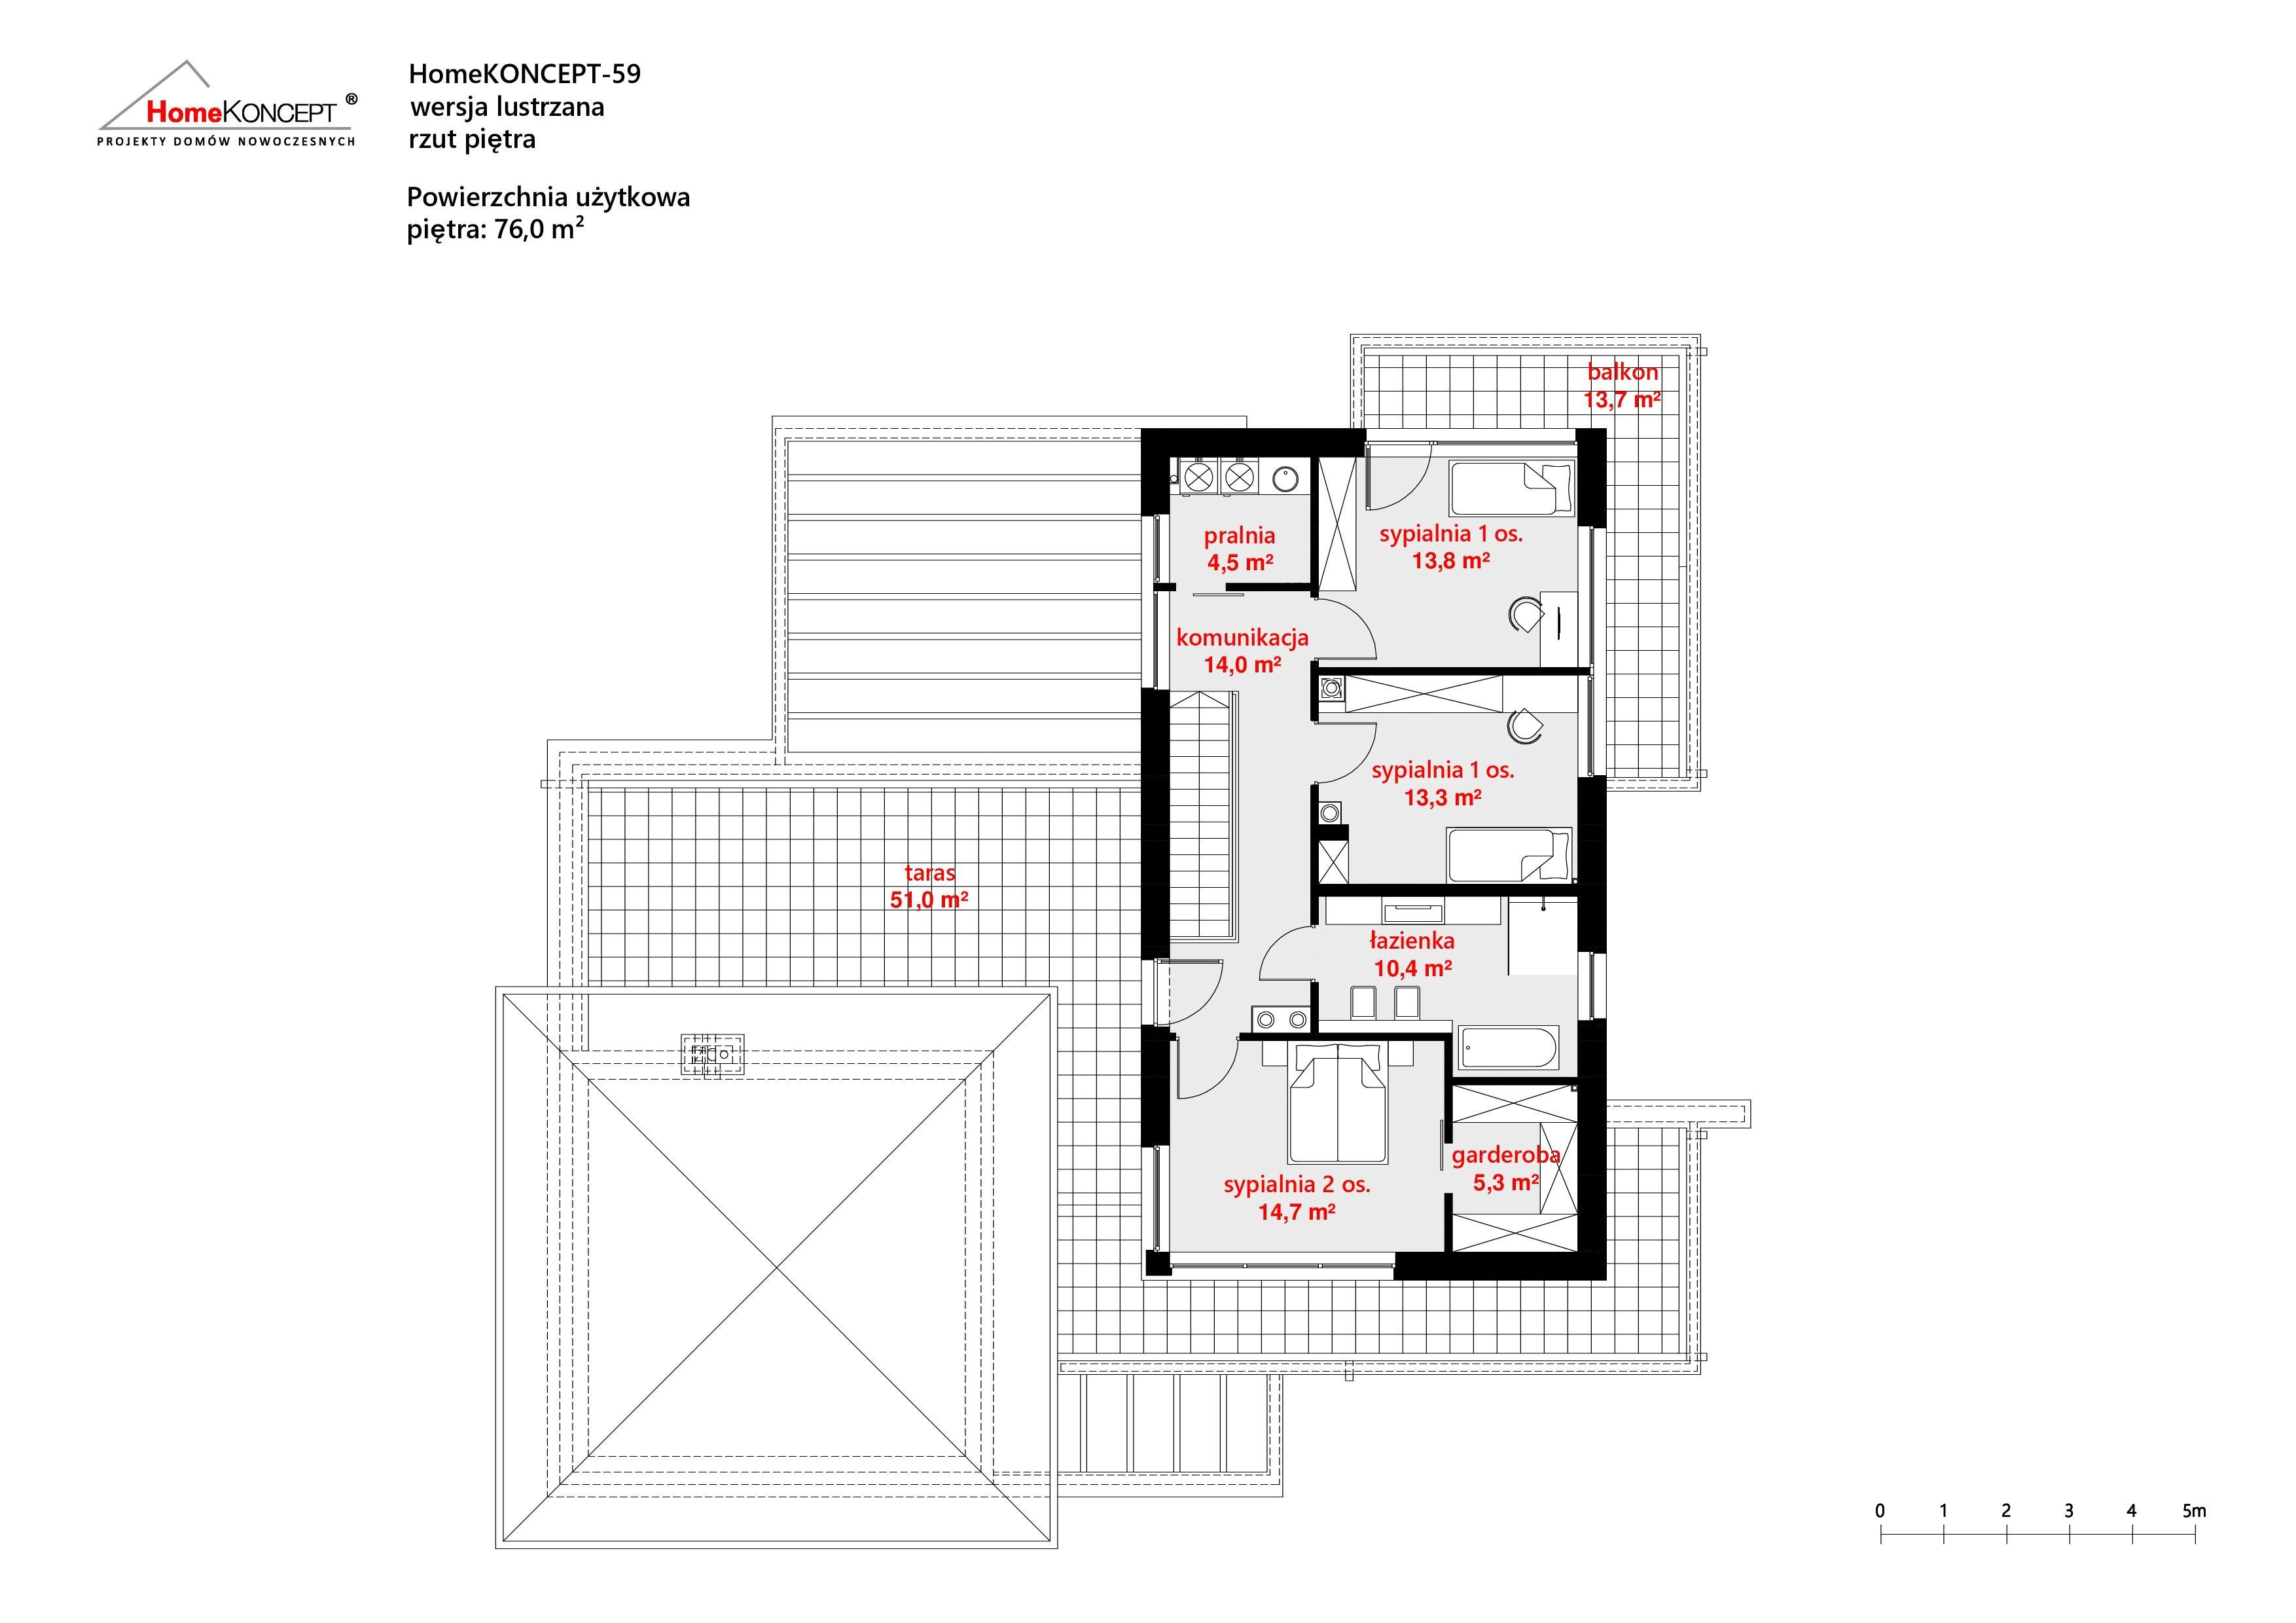 HomeKONCEPT 59 L piętro